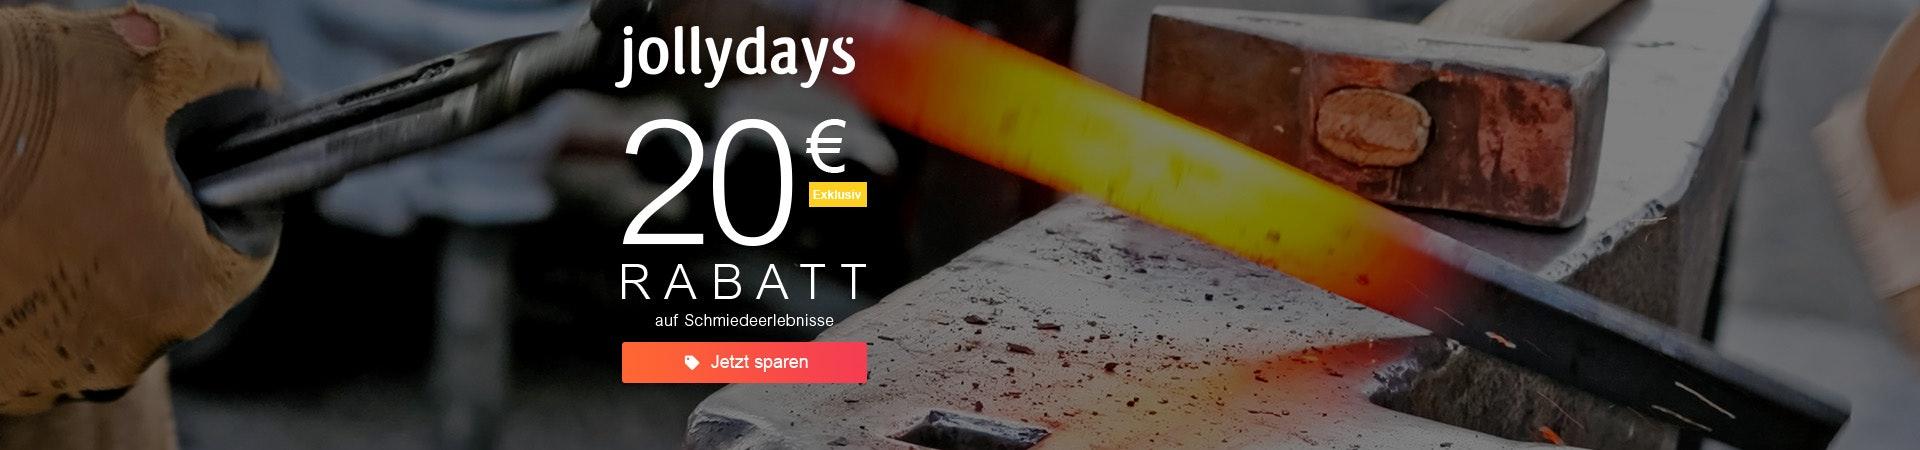 Jollydays: 20€ Rabatt